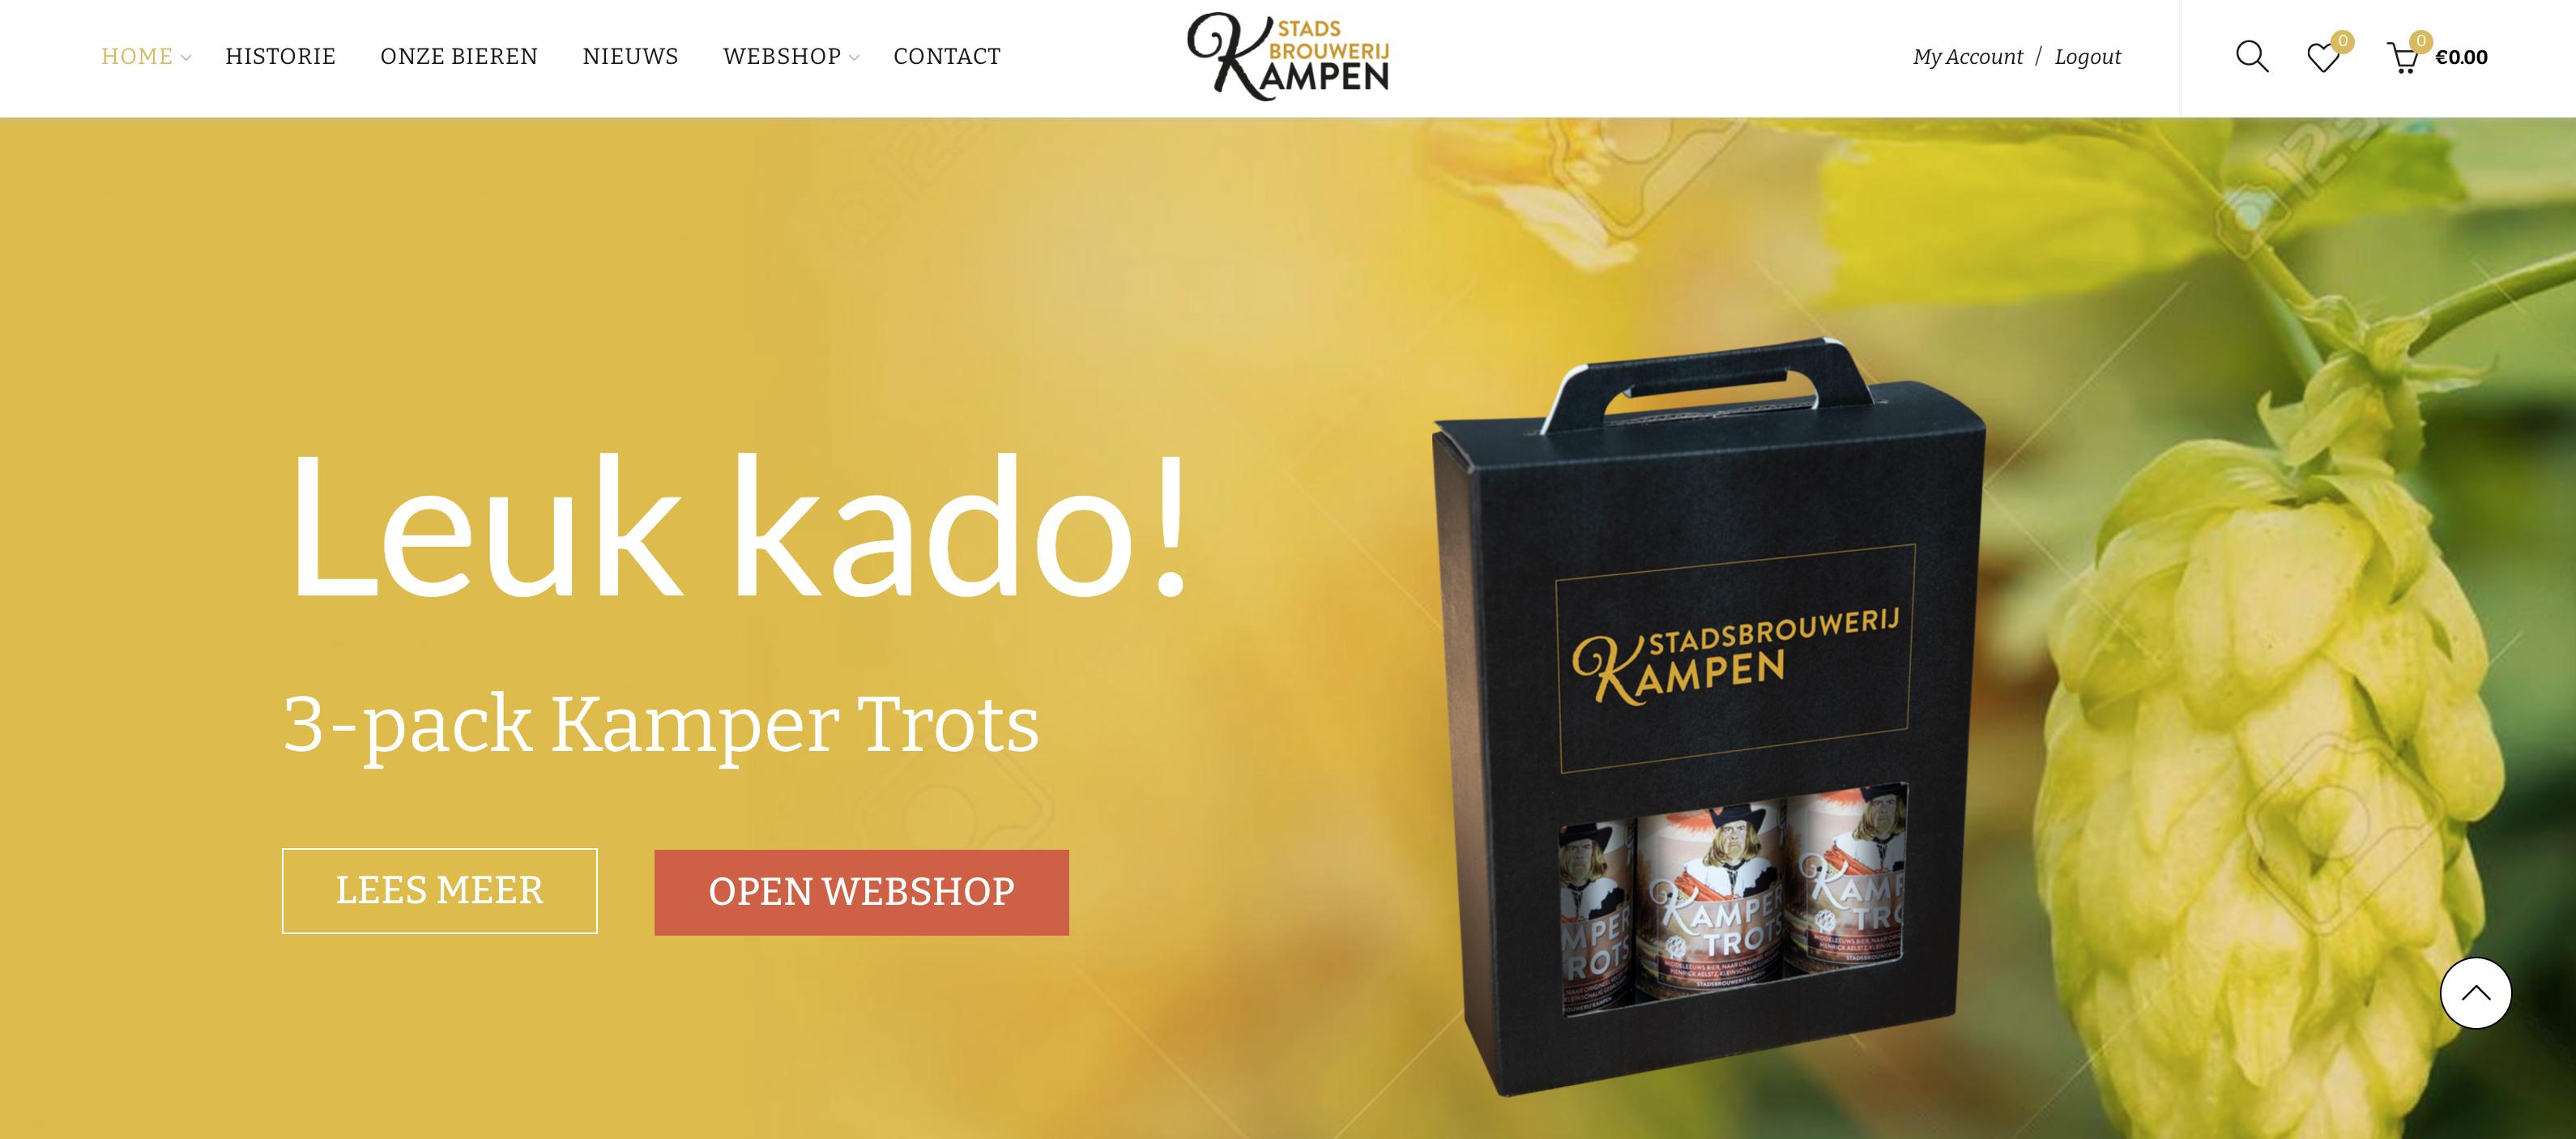 Website-stadsbrouwerij